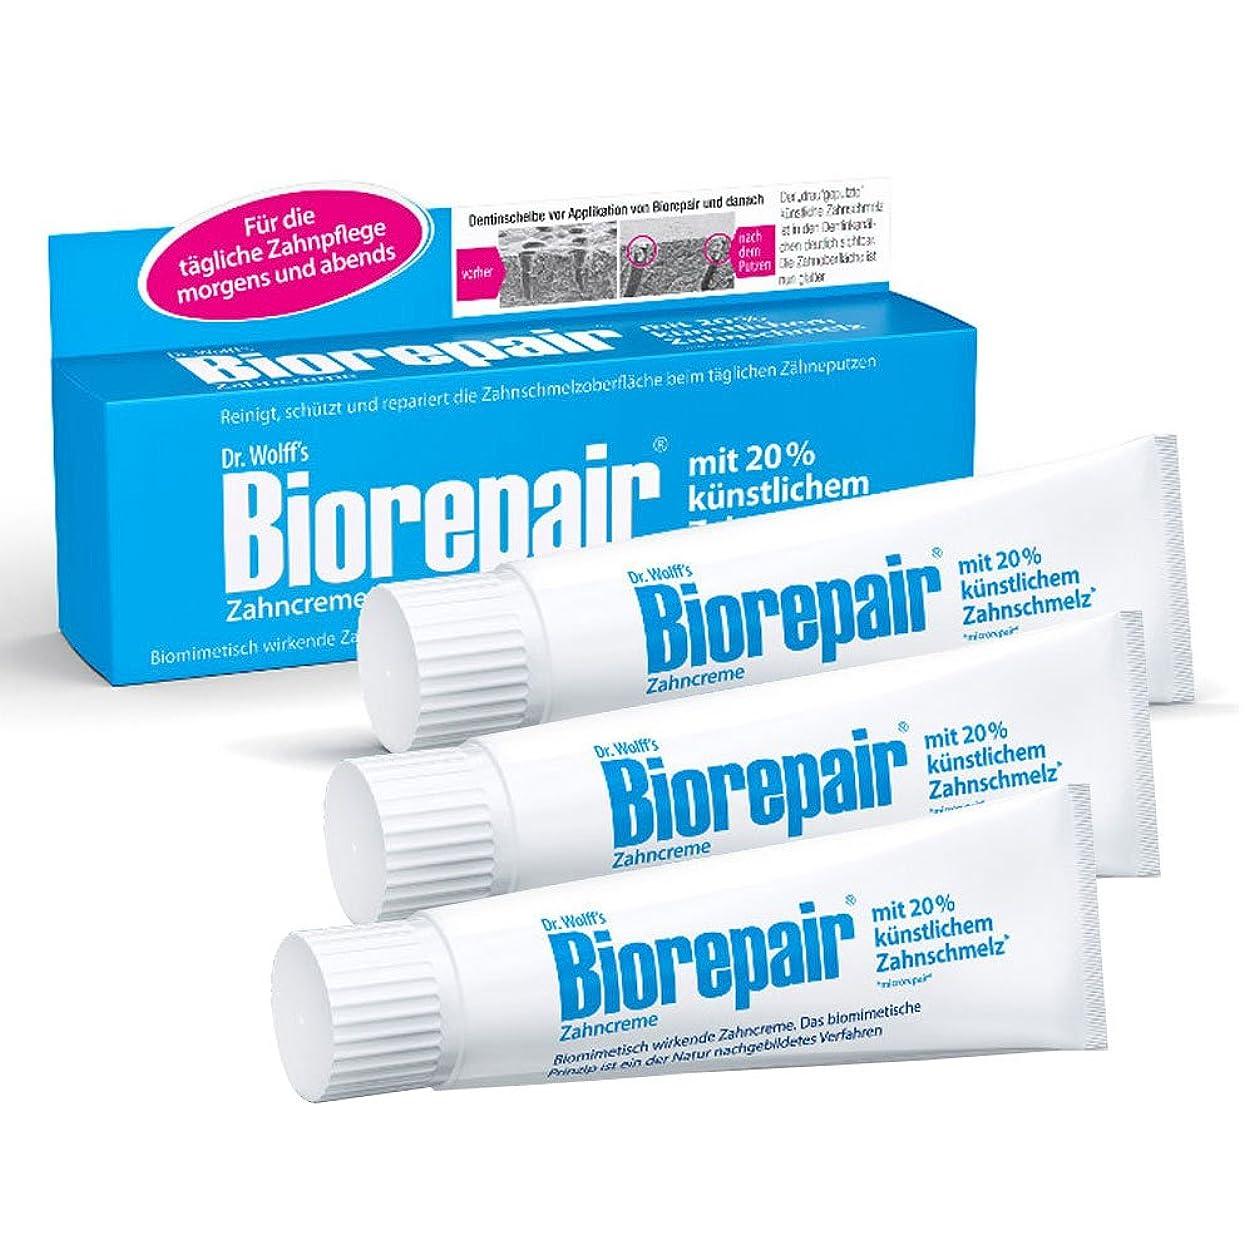 クリープ反逆者中にBiorepair 歯磨き粉オリジナル、75ml 歯の保護 耐摩耗性 x 3 [並行輸入品]